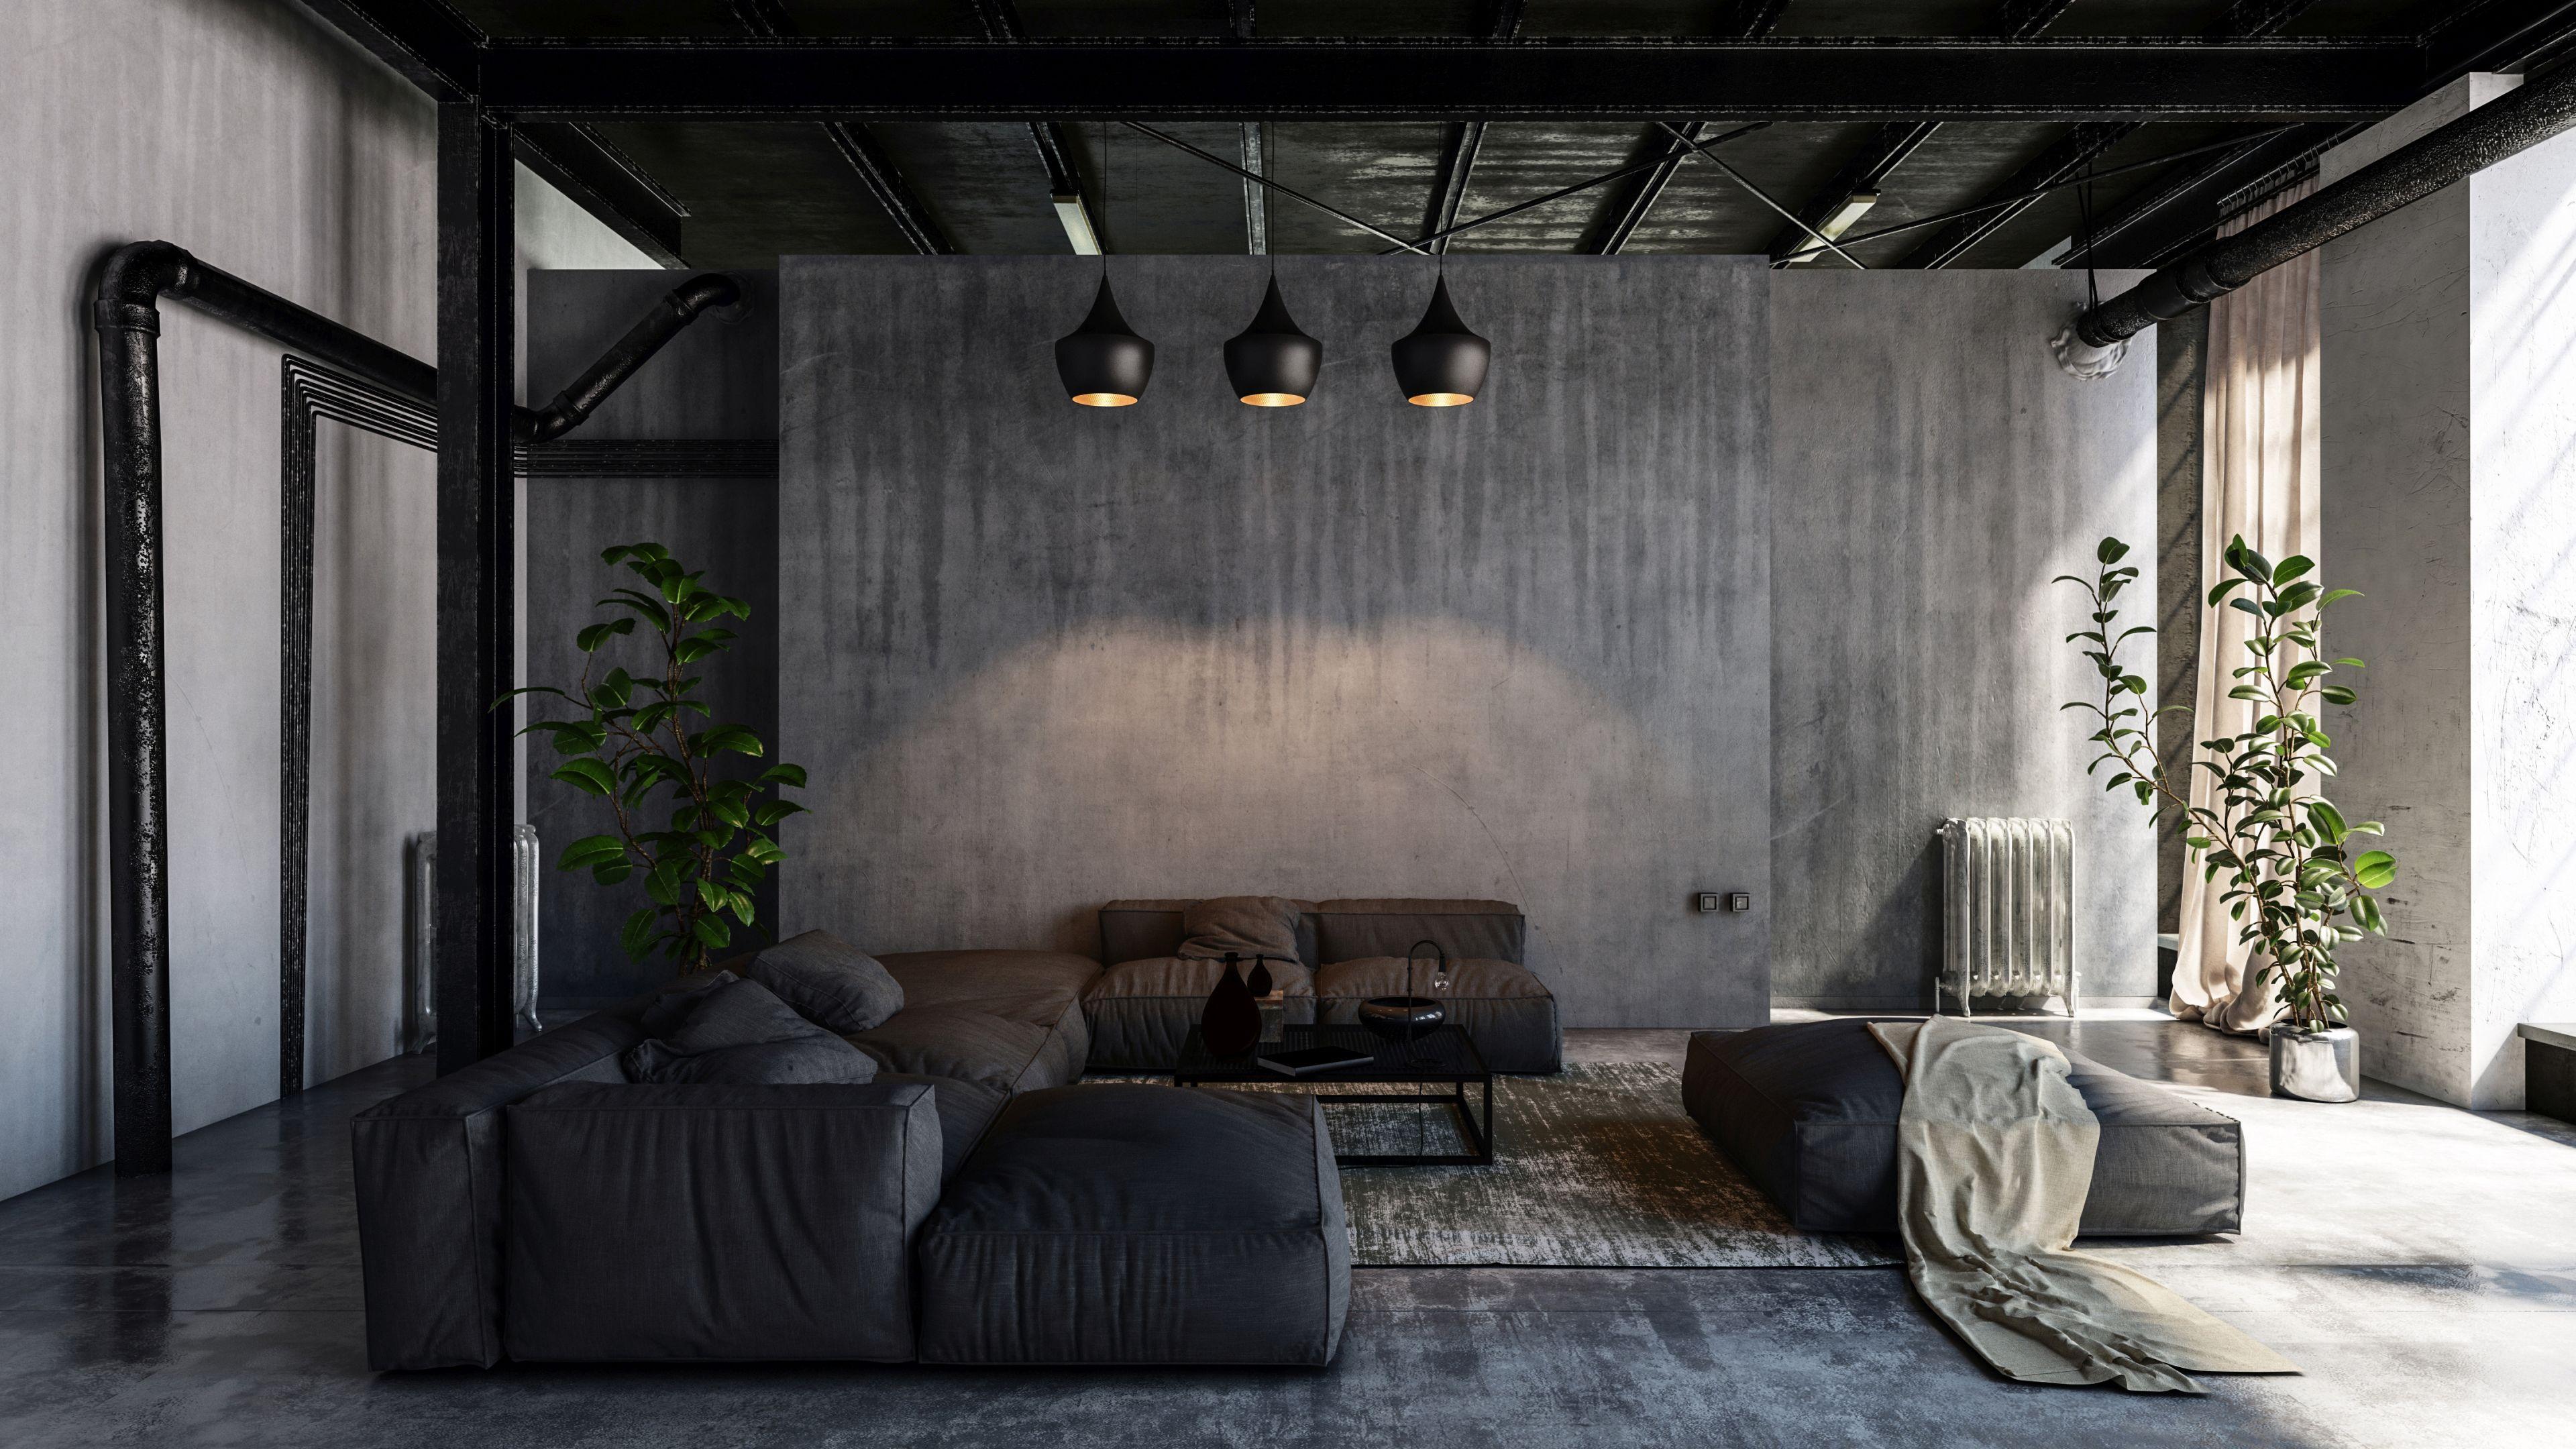 ciemne wnętrze z betonem architektonicznym i wieloma teksturami